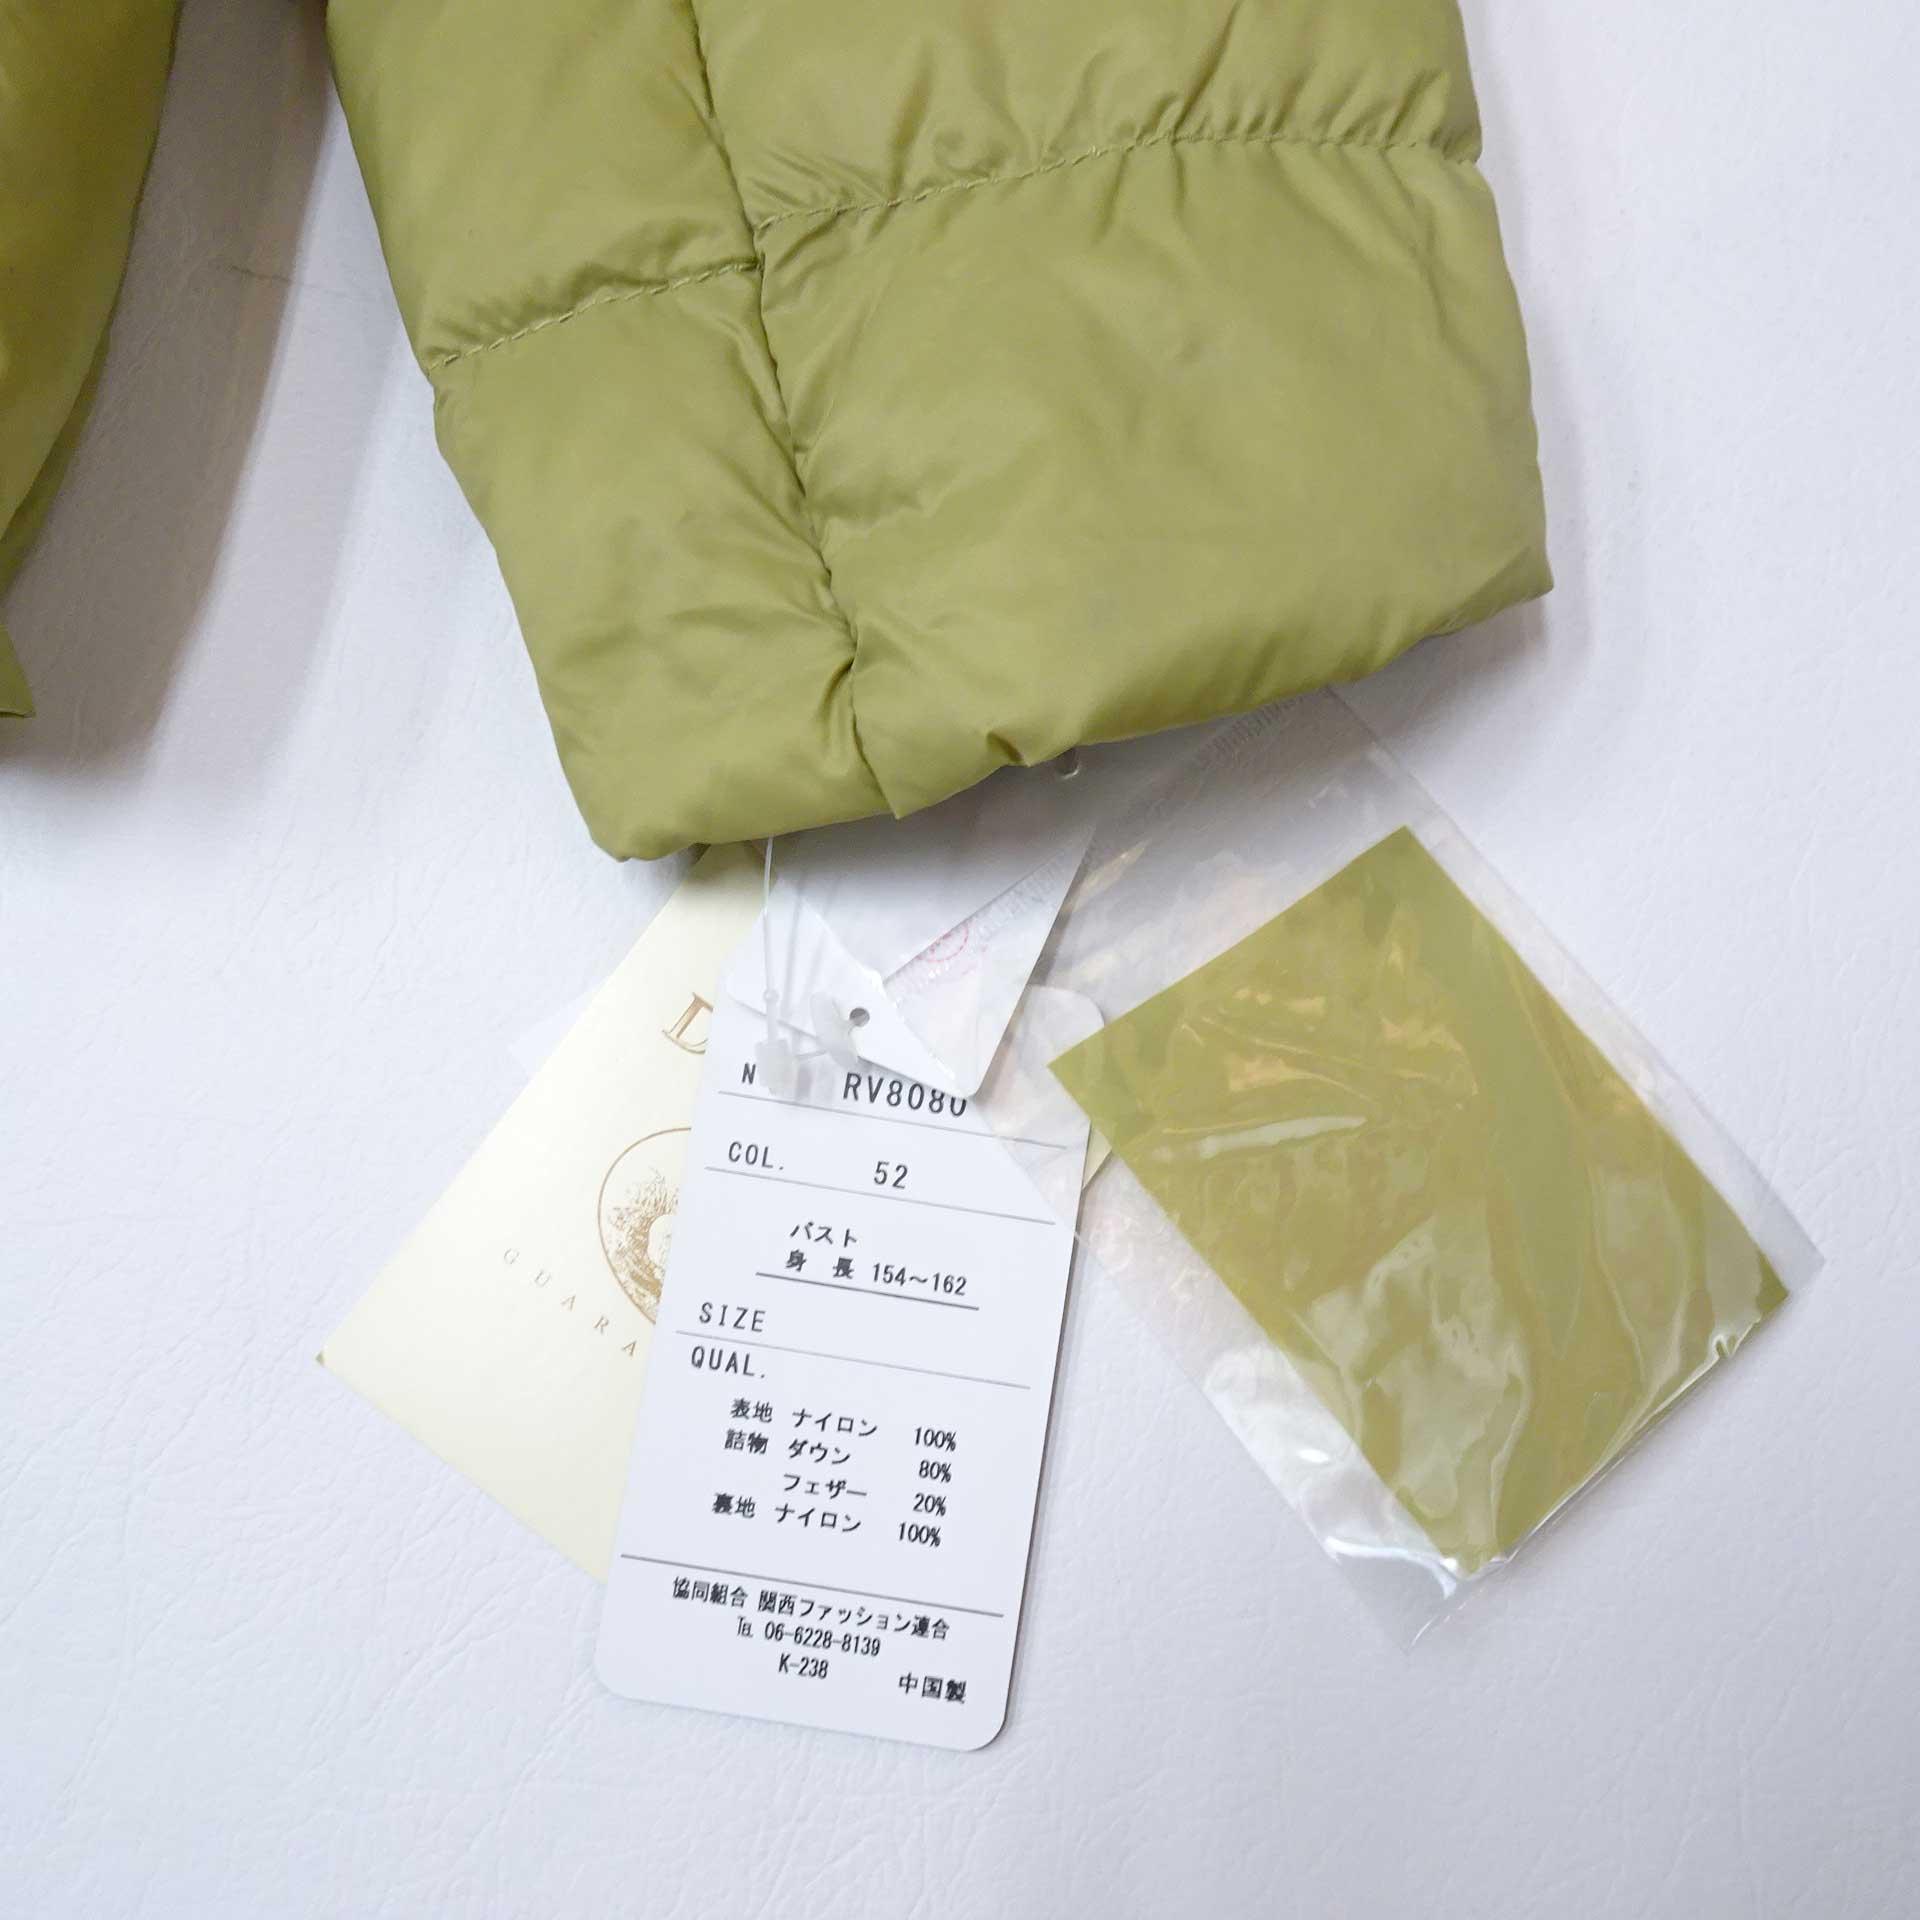 ライトダウンジャケット収納袋付きグリーン